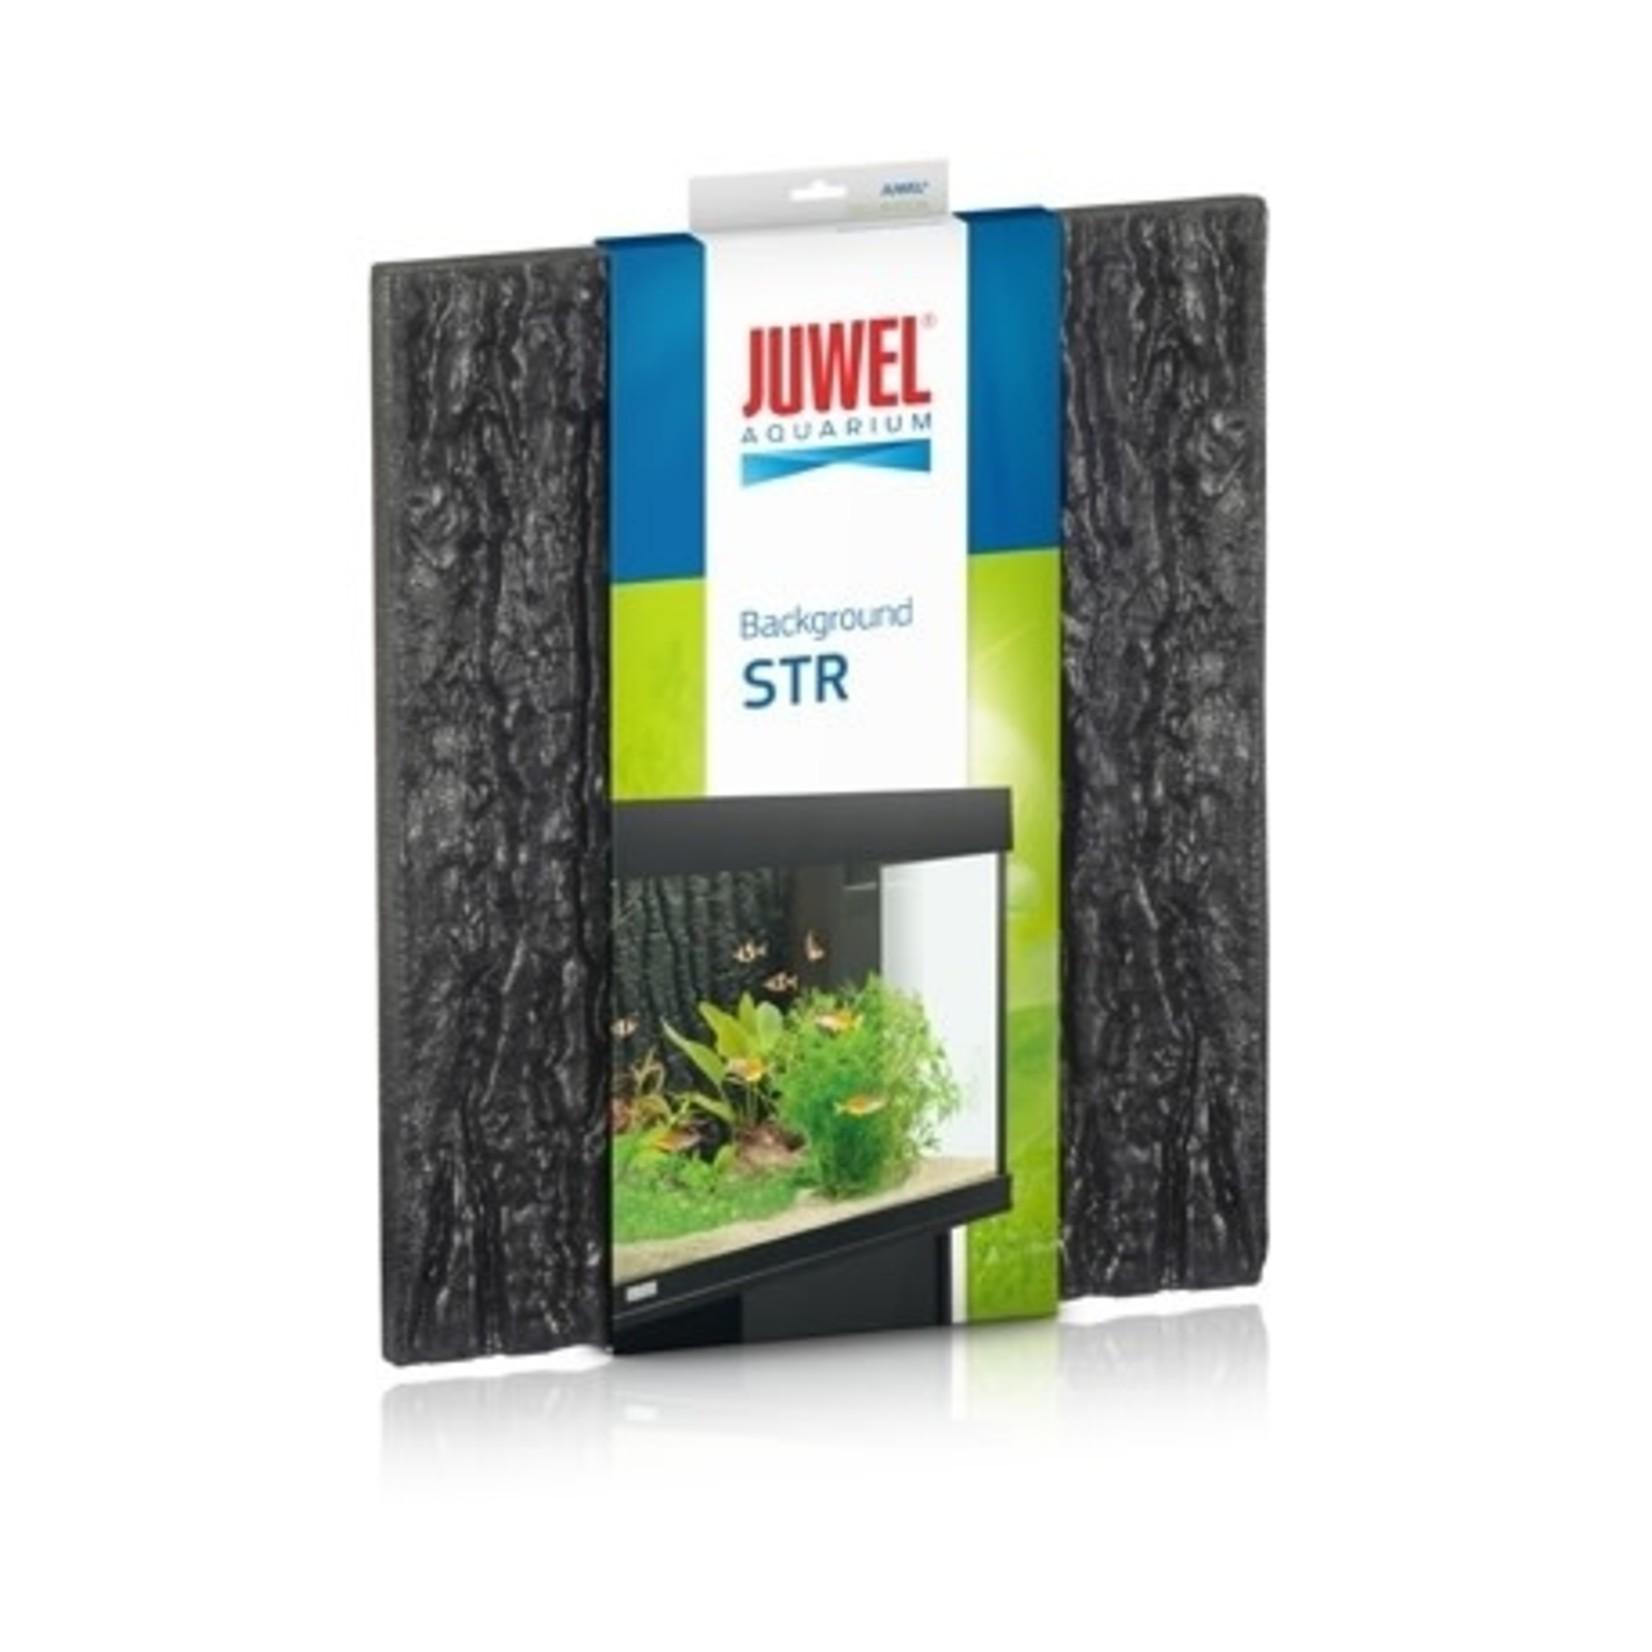 Juwel FOND ARRIERE STR 600 (500x595mm) JUWEL